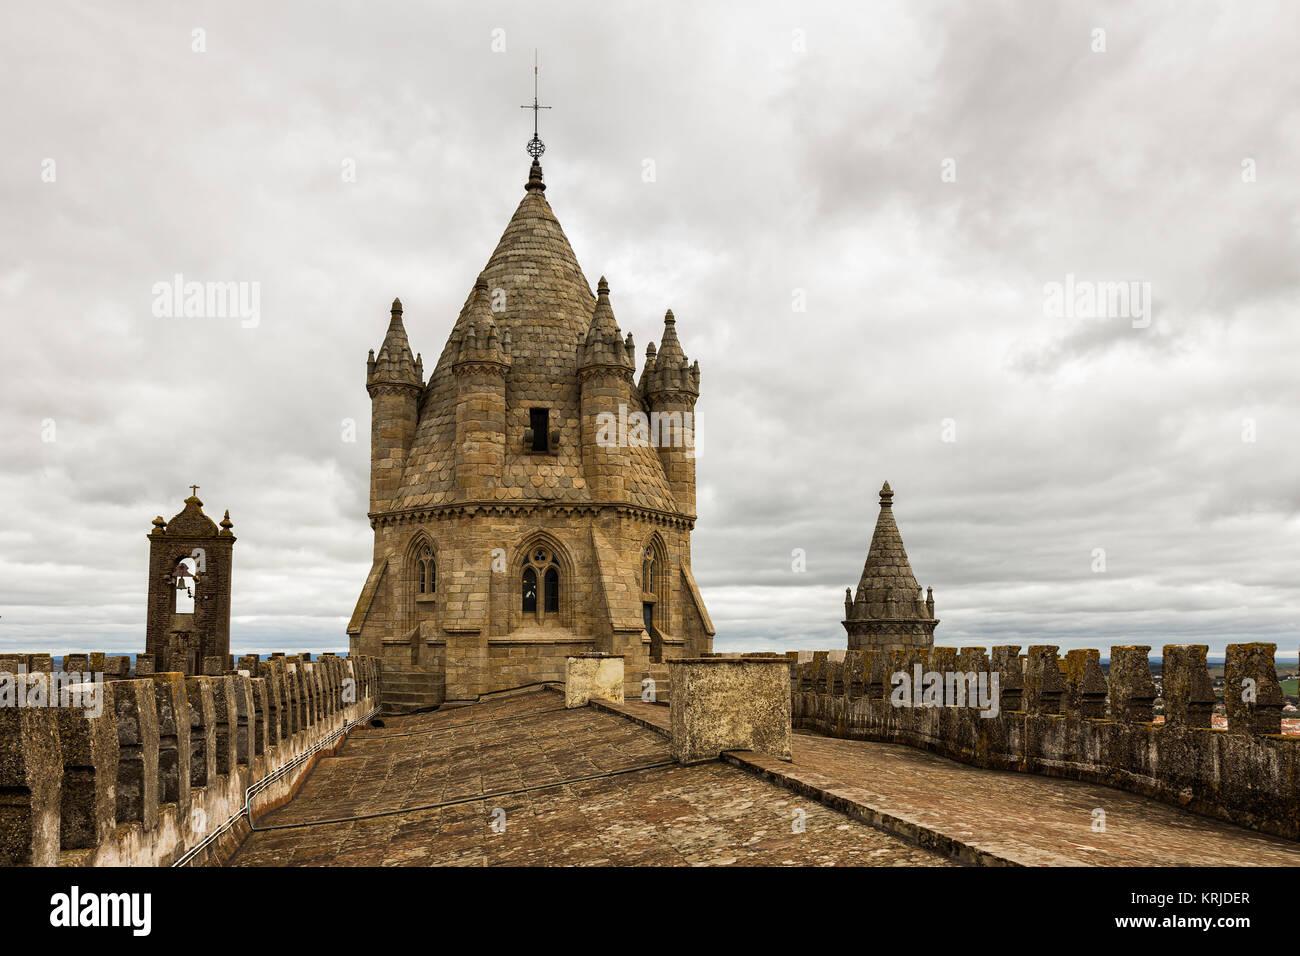 Dome Romanesque of the Basilica Sé Cathedral of Nossa Senhora da Assunção. The Cathedral of Évora - Stock Image